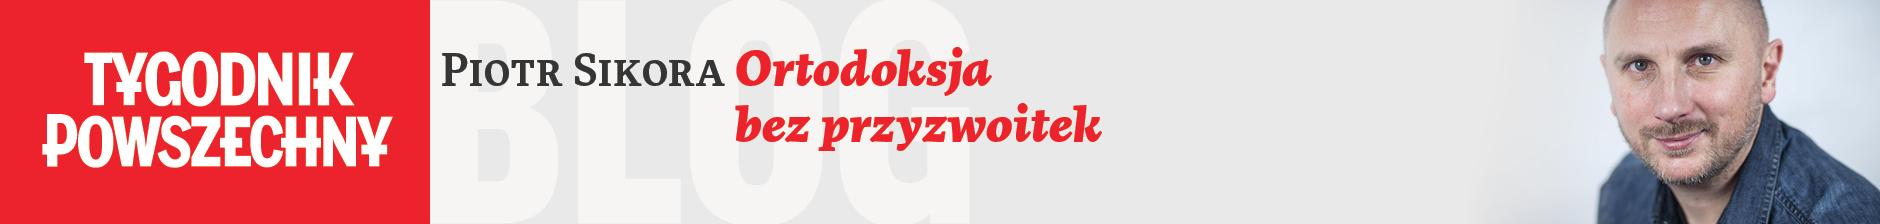 Ortodoksja bez przyzwoitek